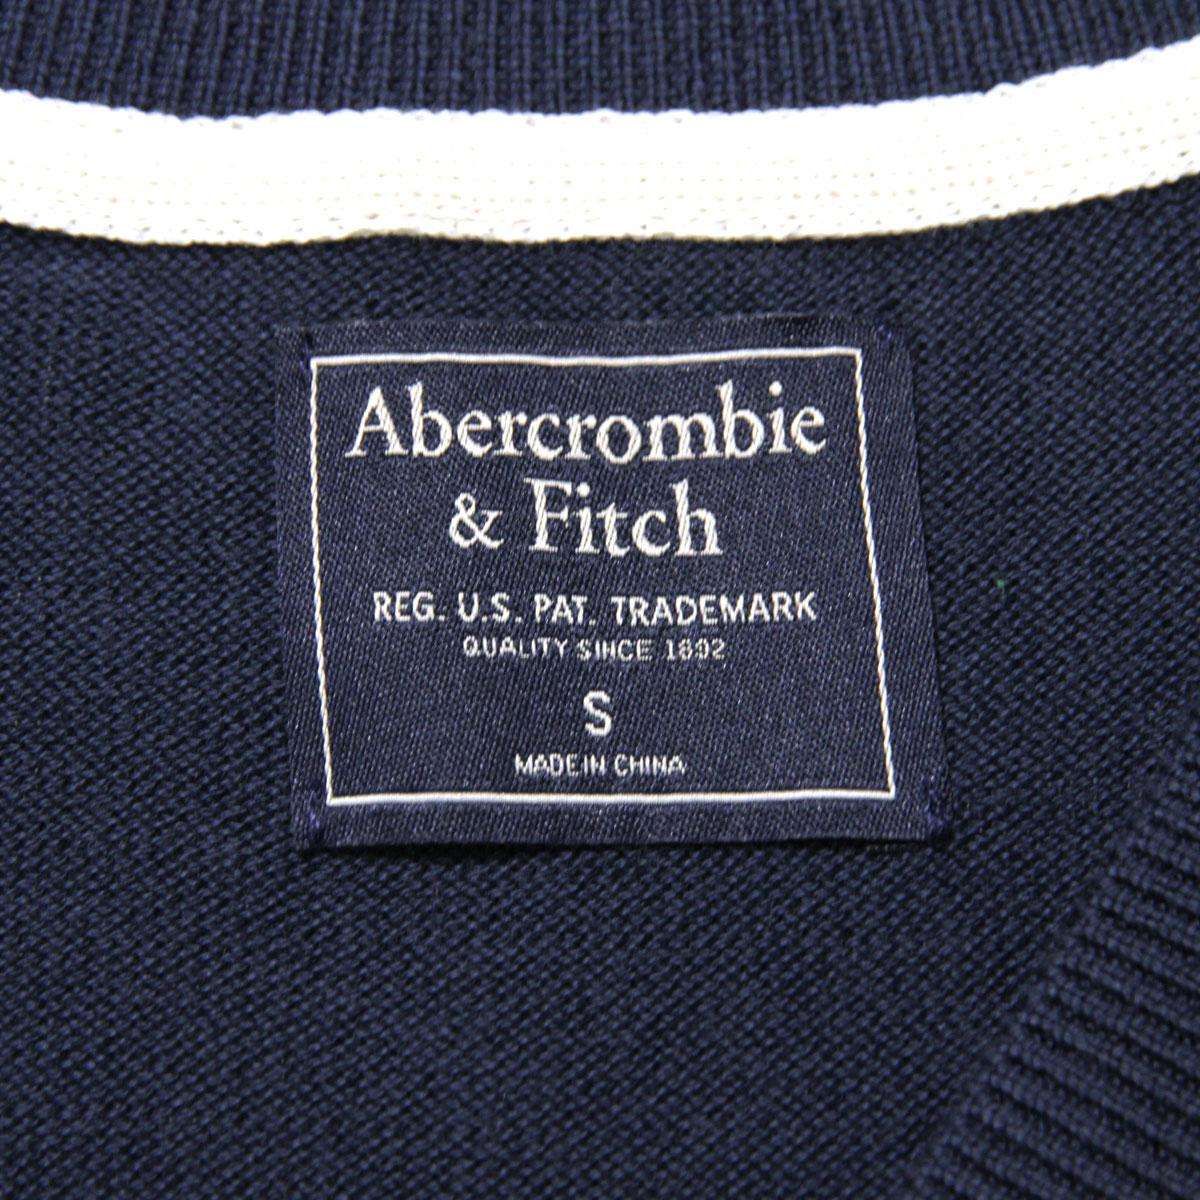 アバクロ セーター メンズ 正規品 Abercrombie&Fitch Vネックセーター ワンポイントロゴ  THE A&F ICON V-NECK SWEATER 120-201-1574-200  A02B B1C C1D D7E E06F